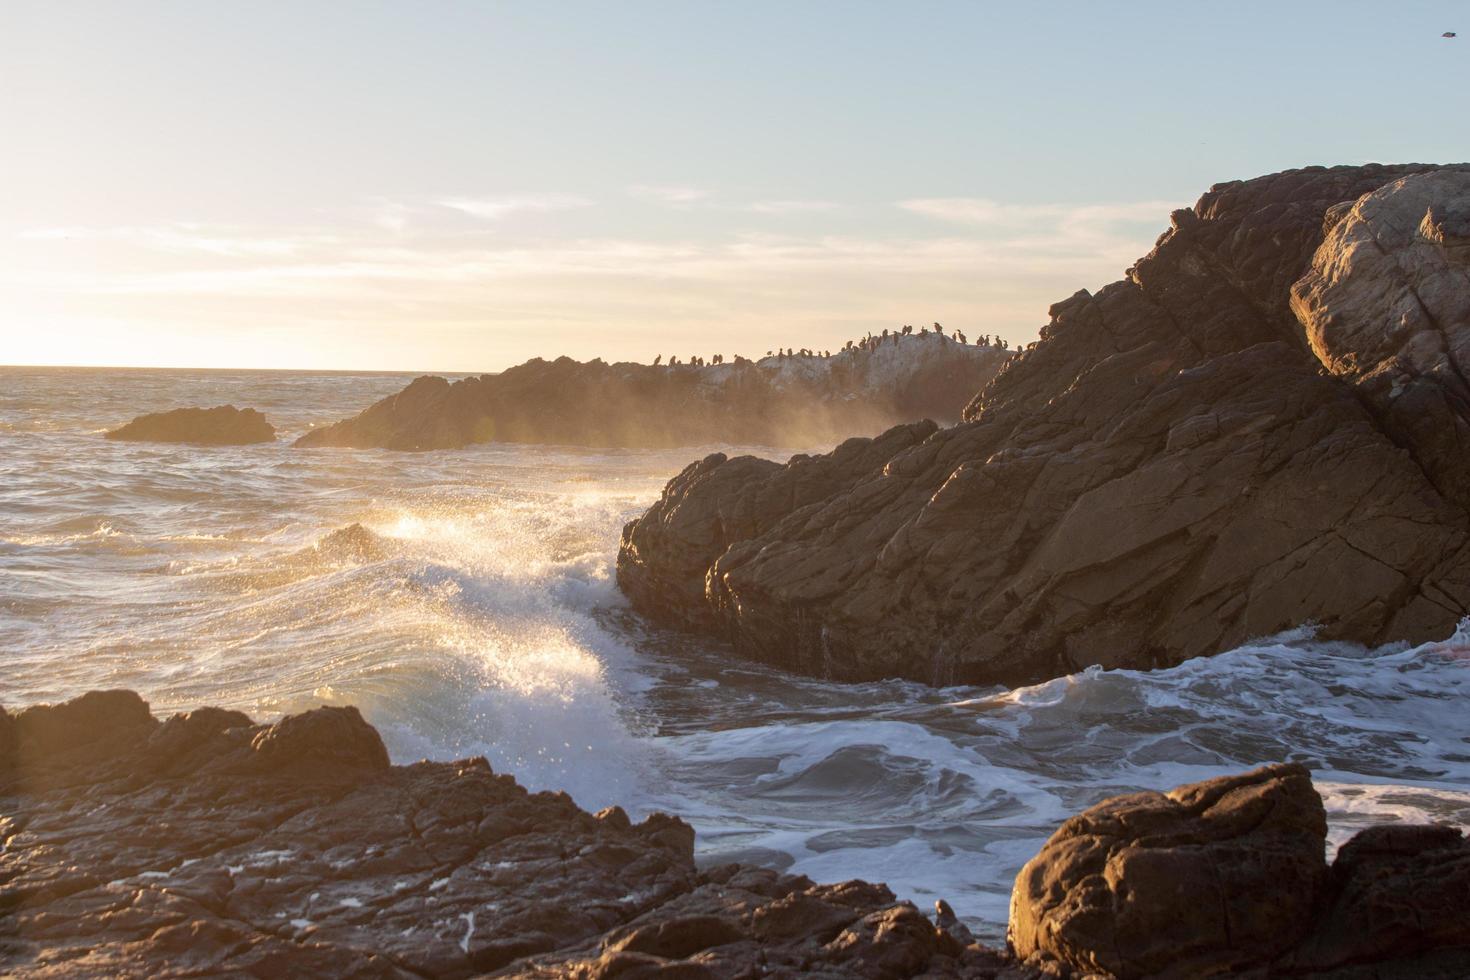 onde che si infrangono sulle rocce in una spiaggia foto